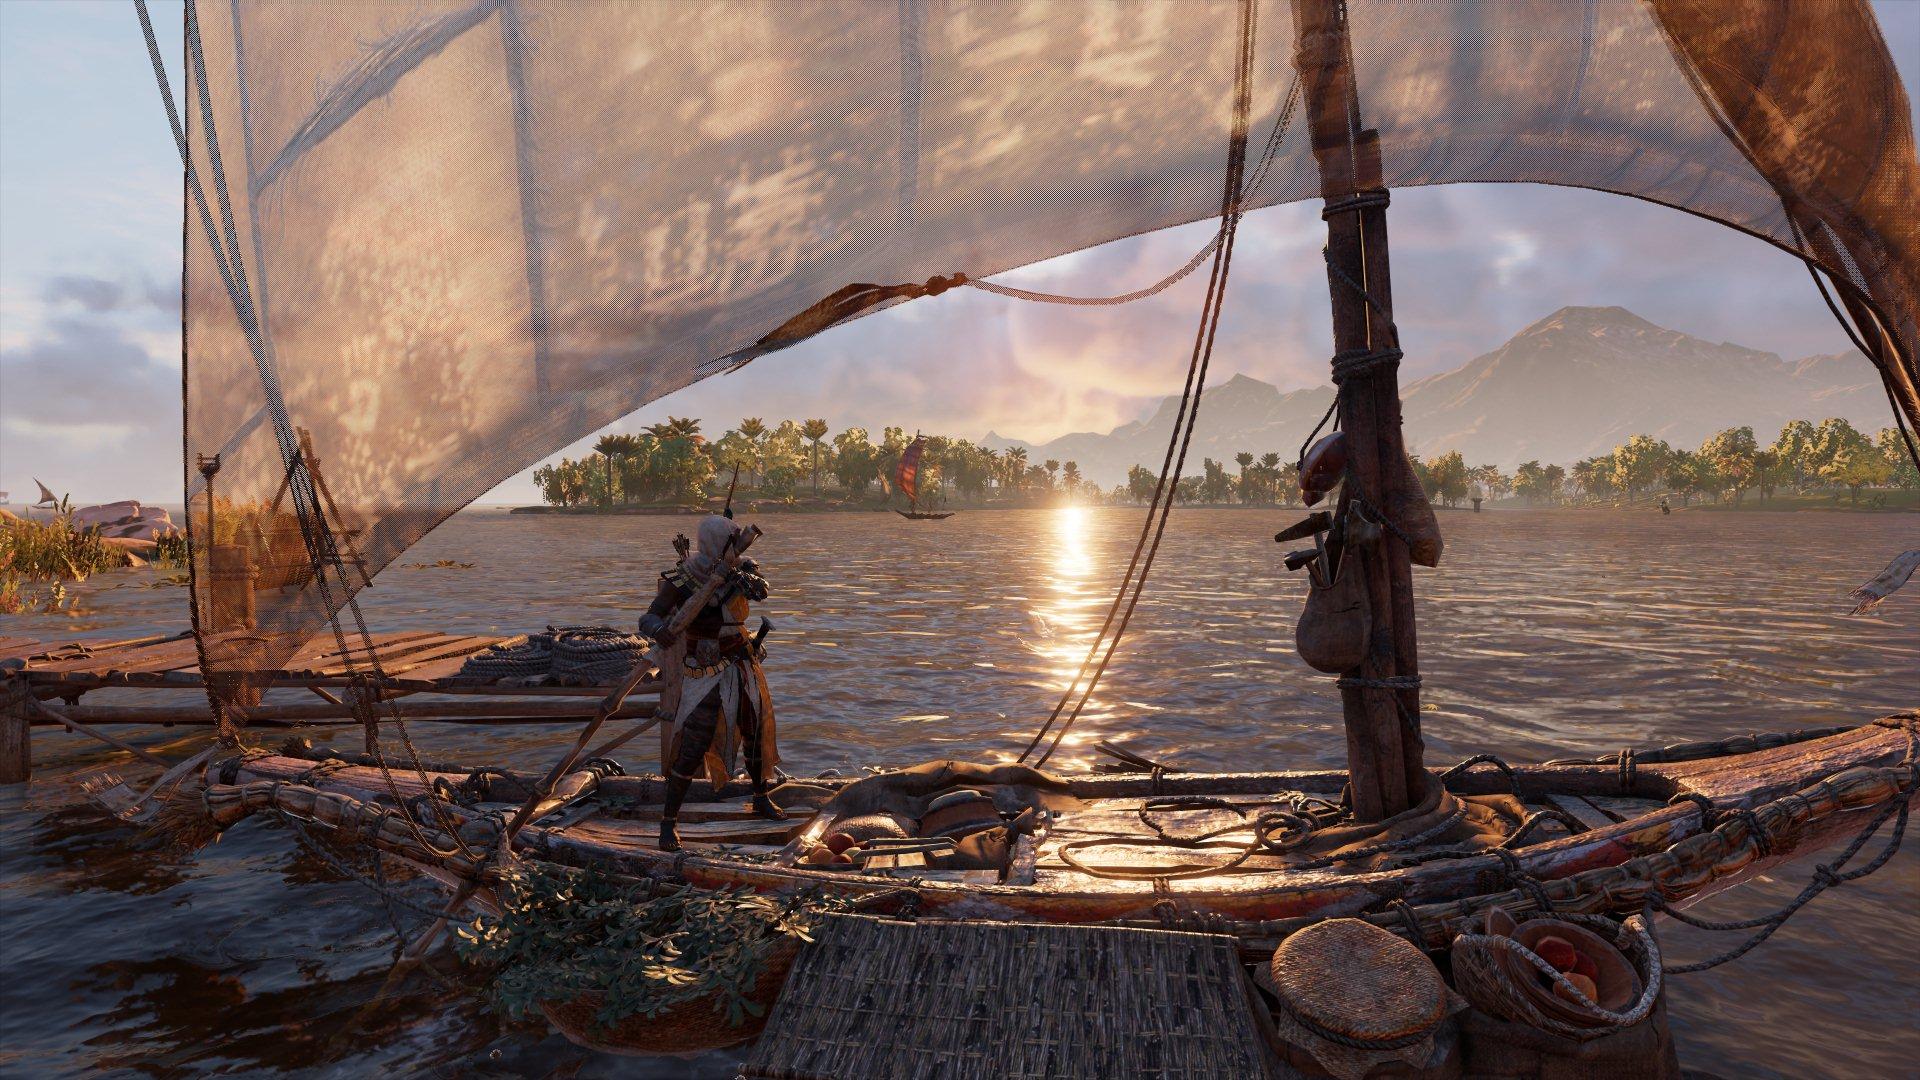 00006.Jpg - Assassin's Creed: Origins